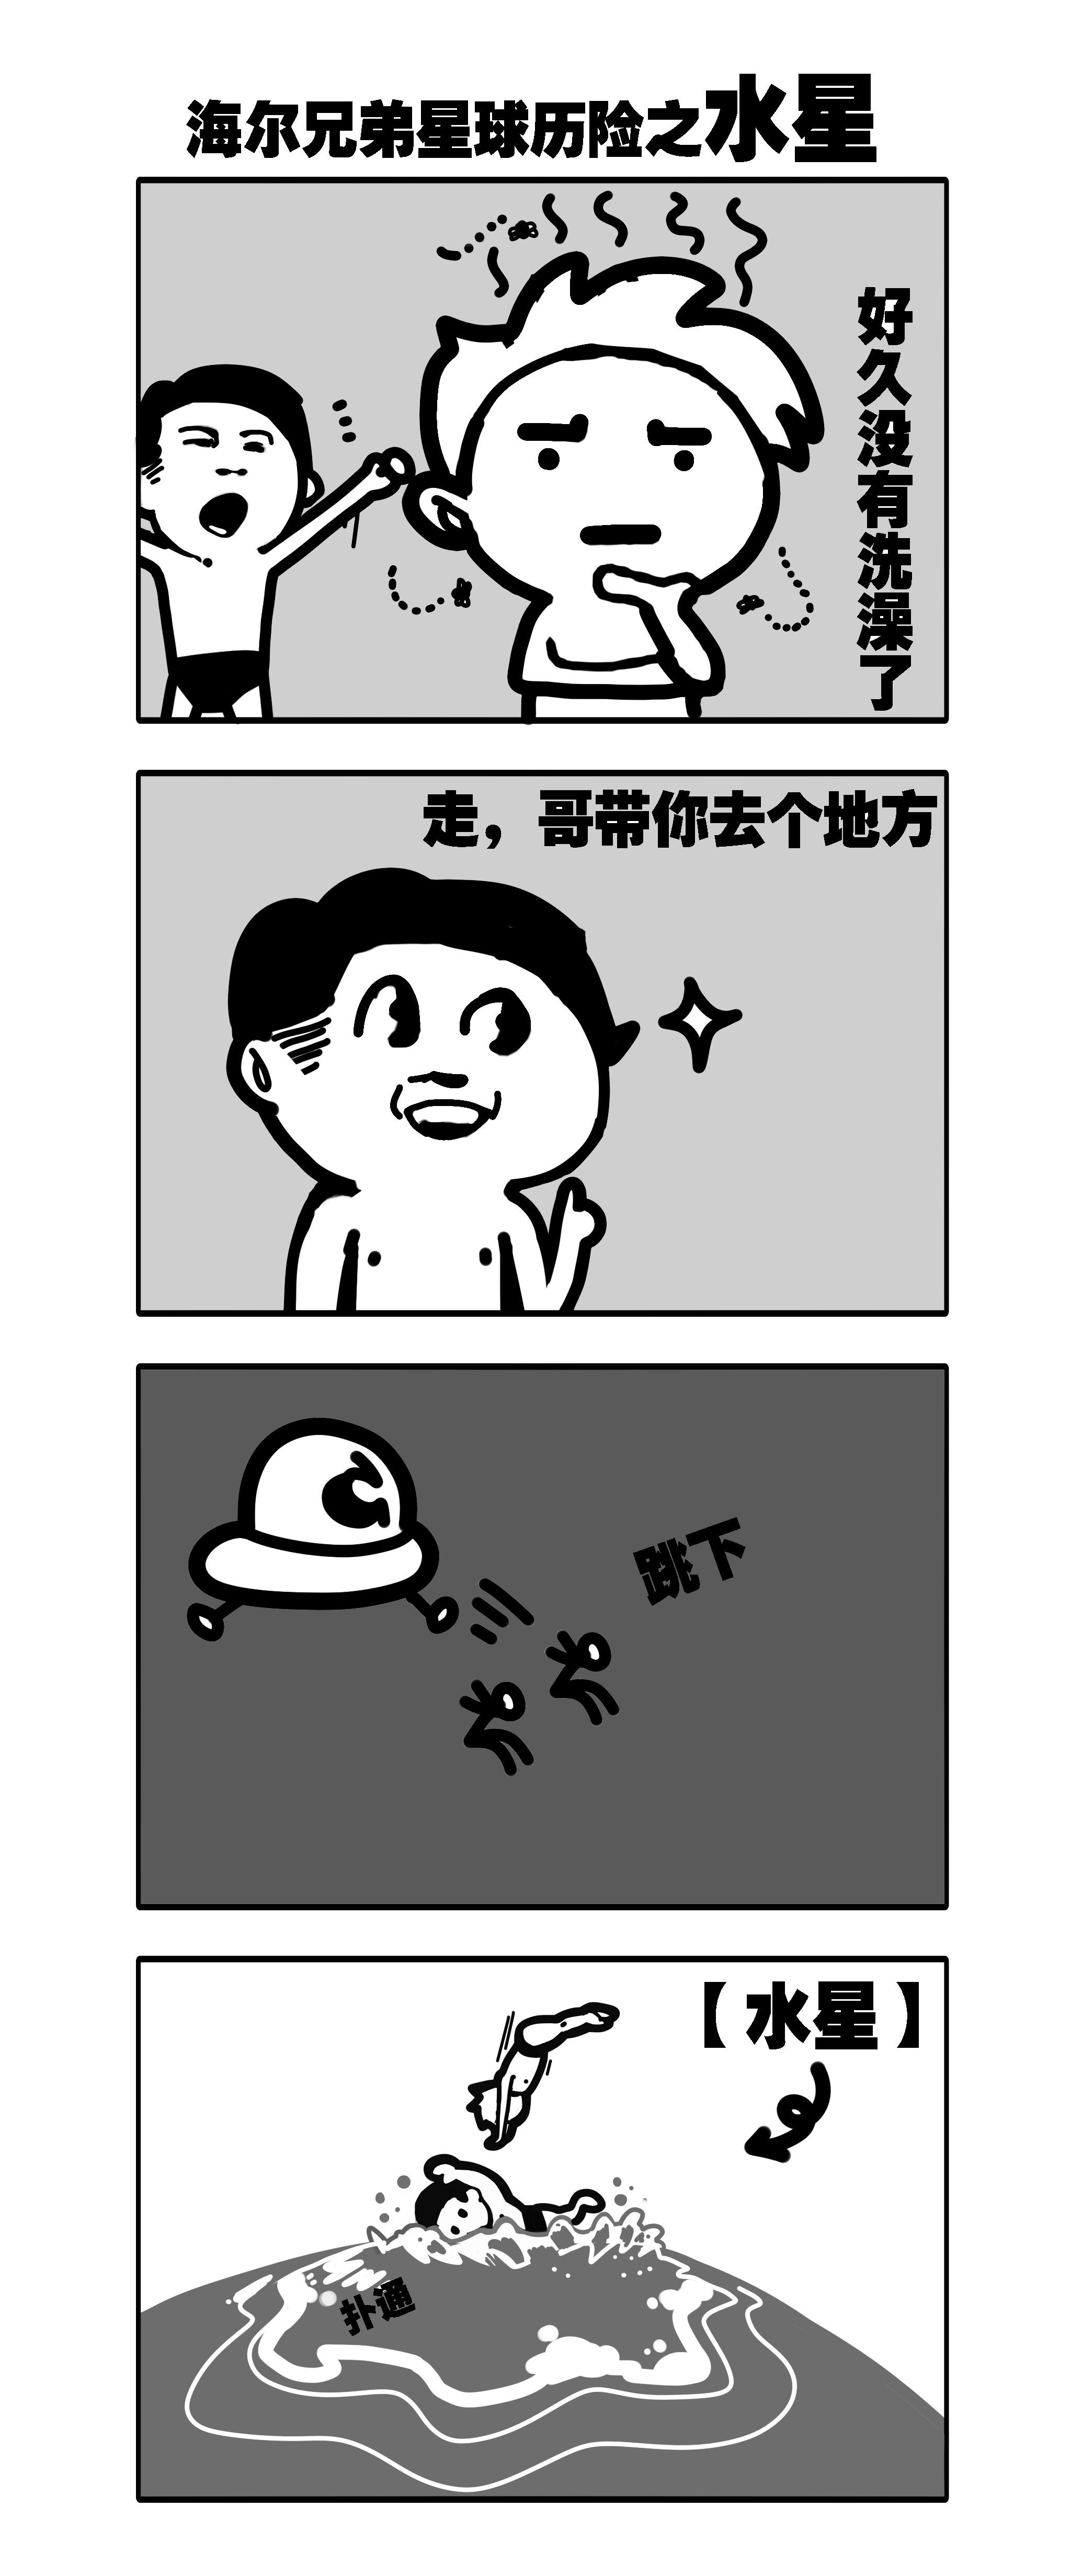 水星 动漫 其他动漫 湘江2001 - 原创作品 - 站酷图片